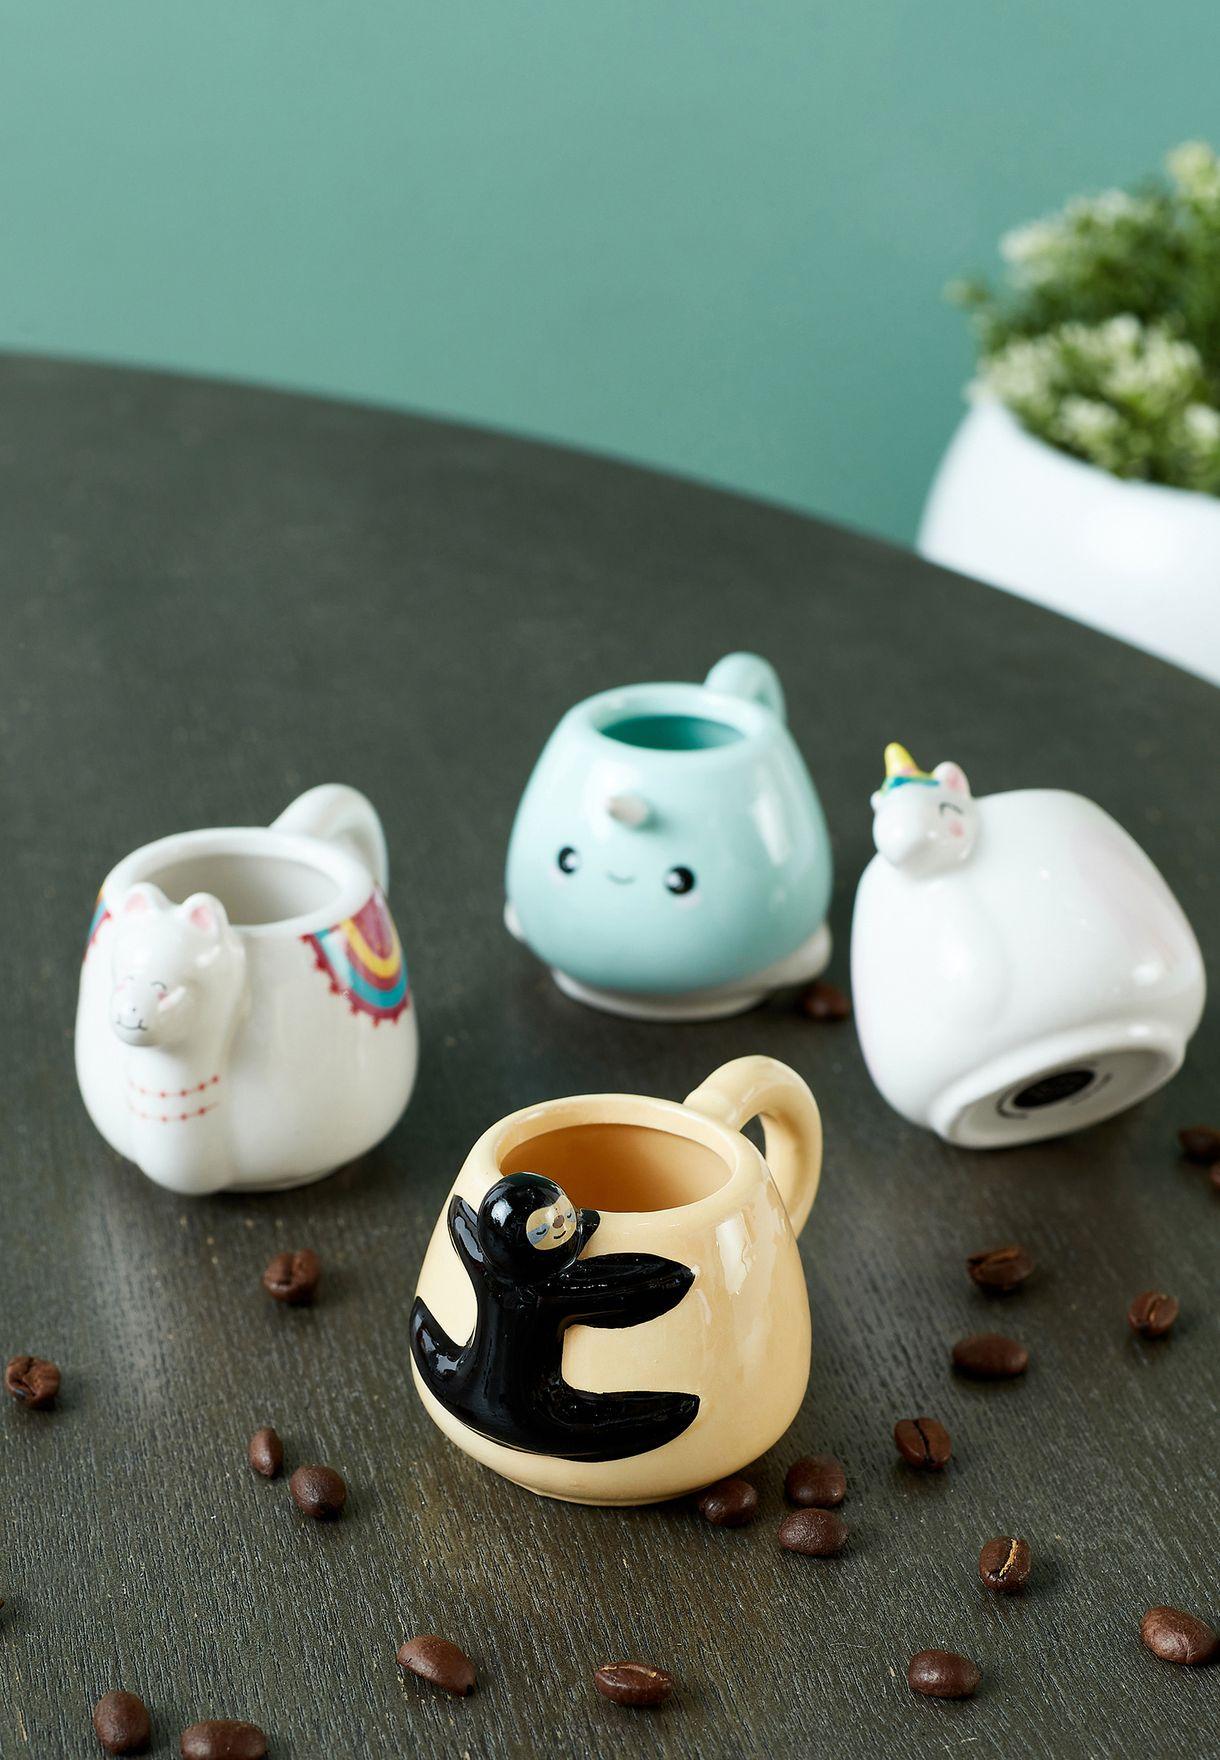 Set of 4 Shaped Espresso Mugs